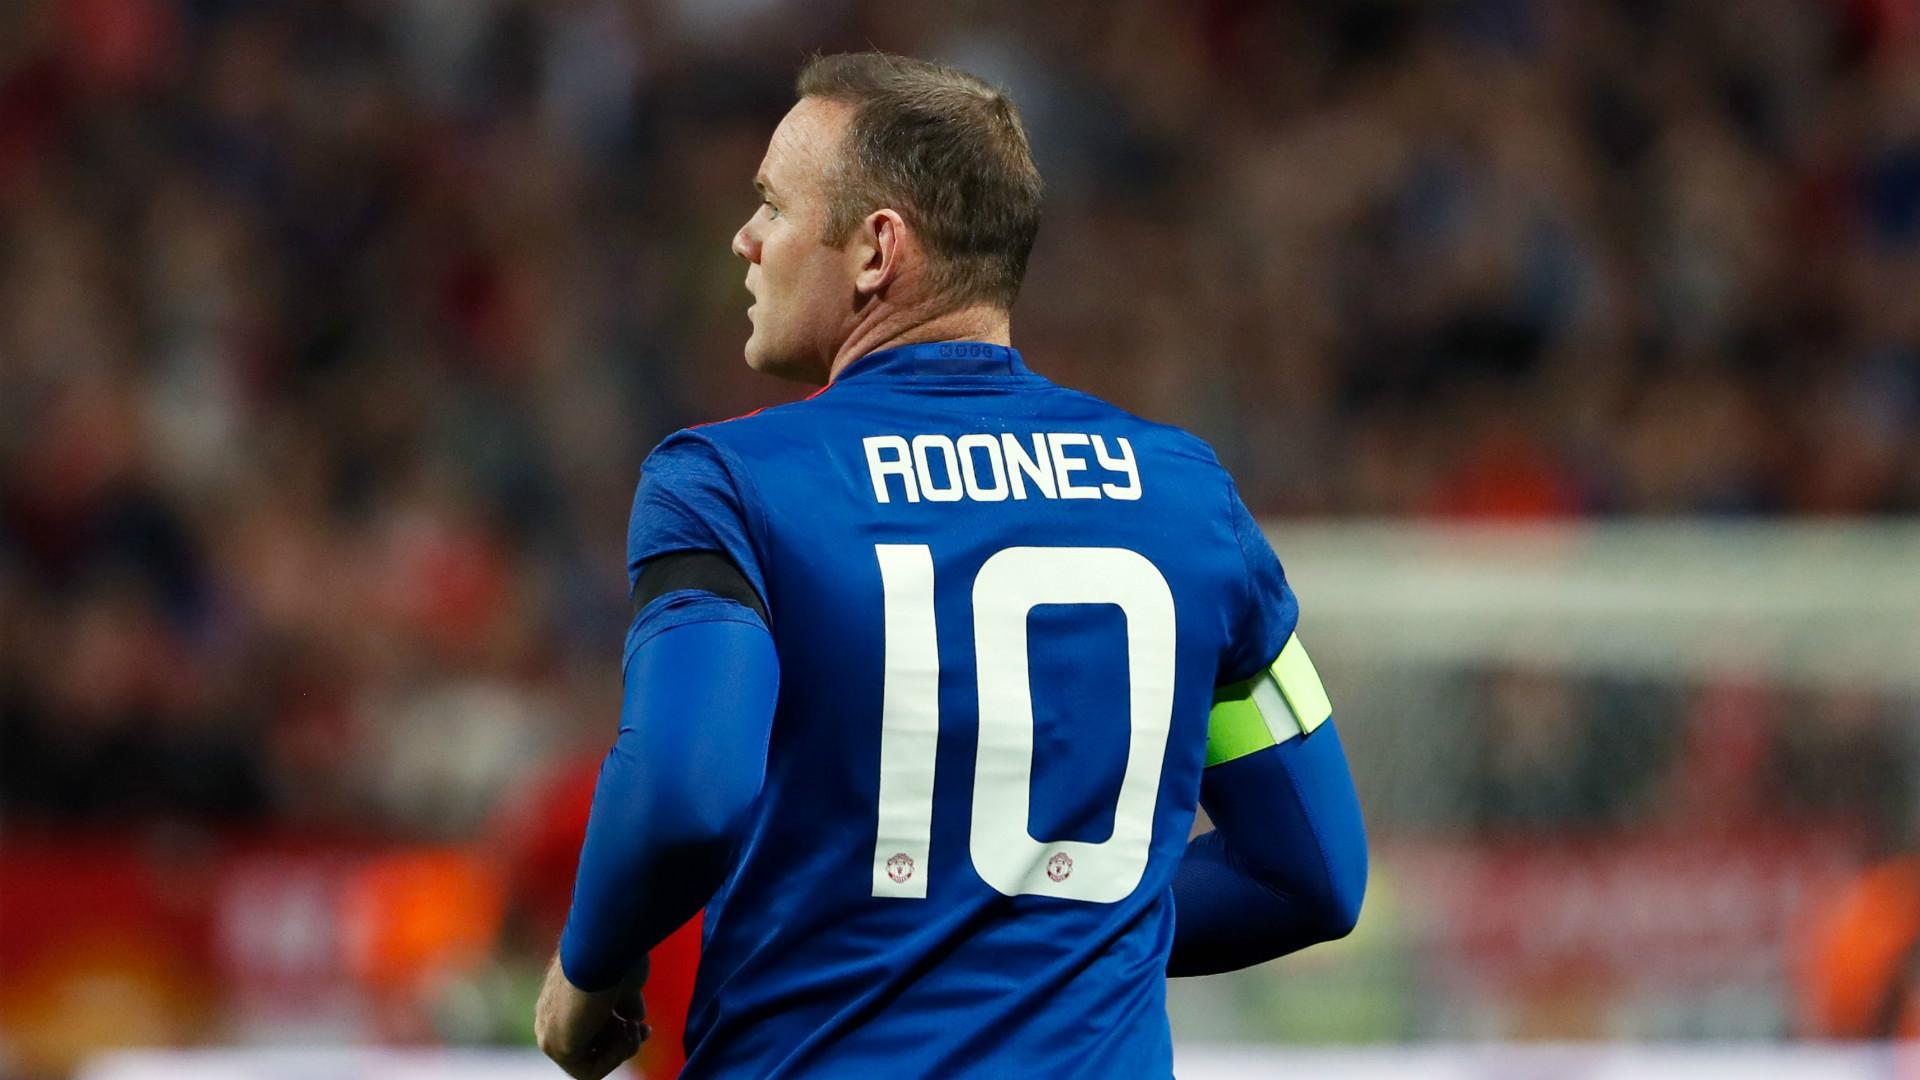 XÁC NHẬN: Rooney trở lại Everton với giá 0 đồng